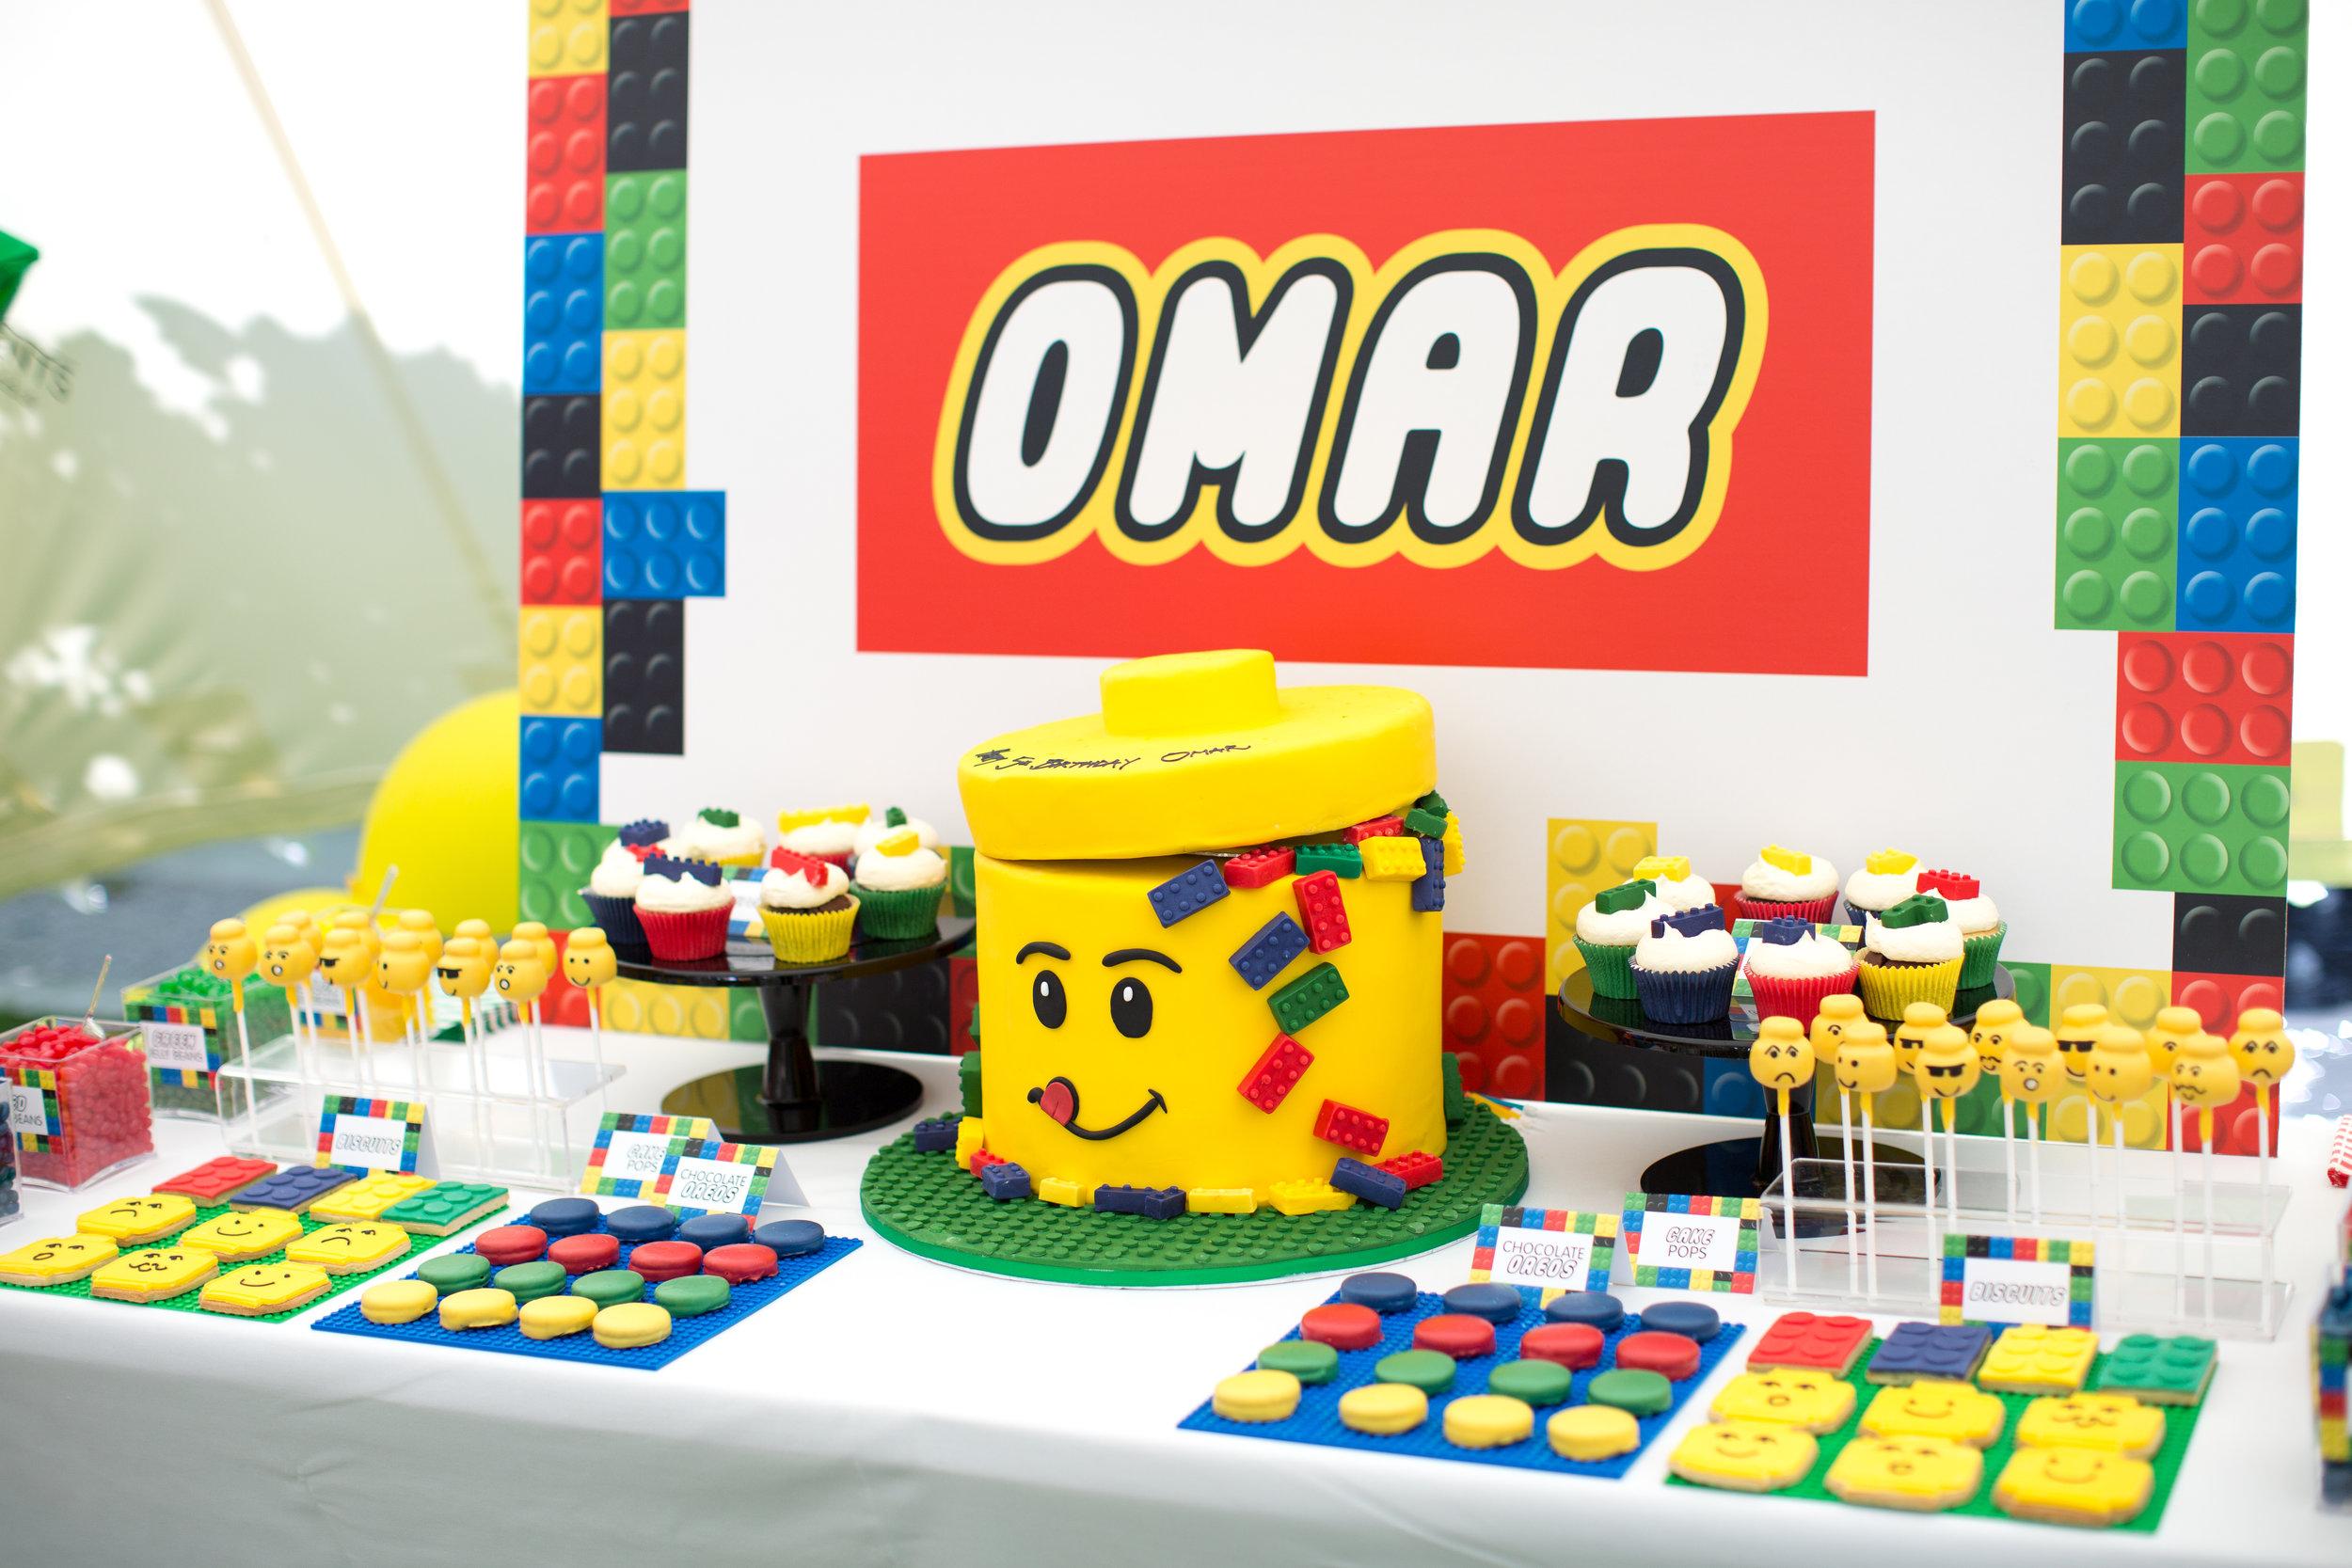 Kiwioz-kids-birthday-lego.jpg